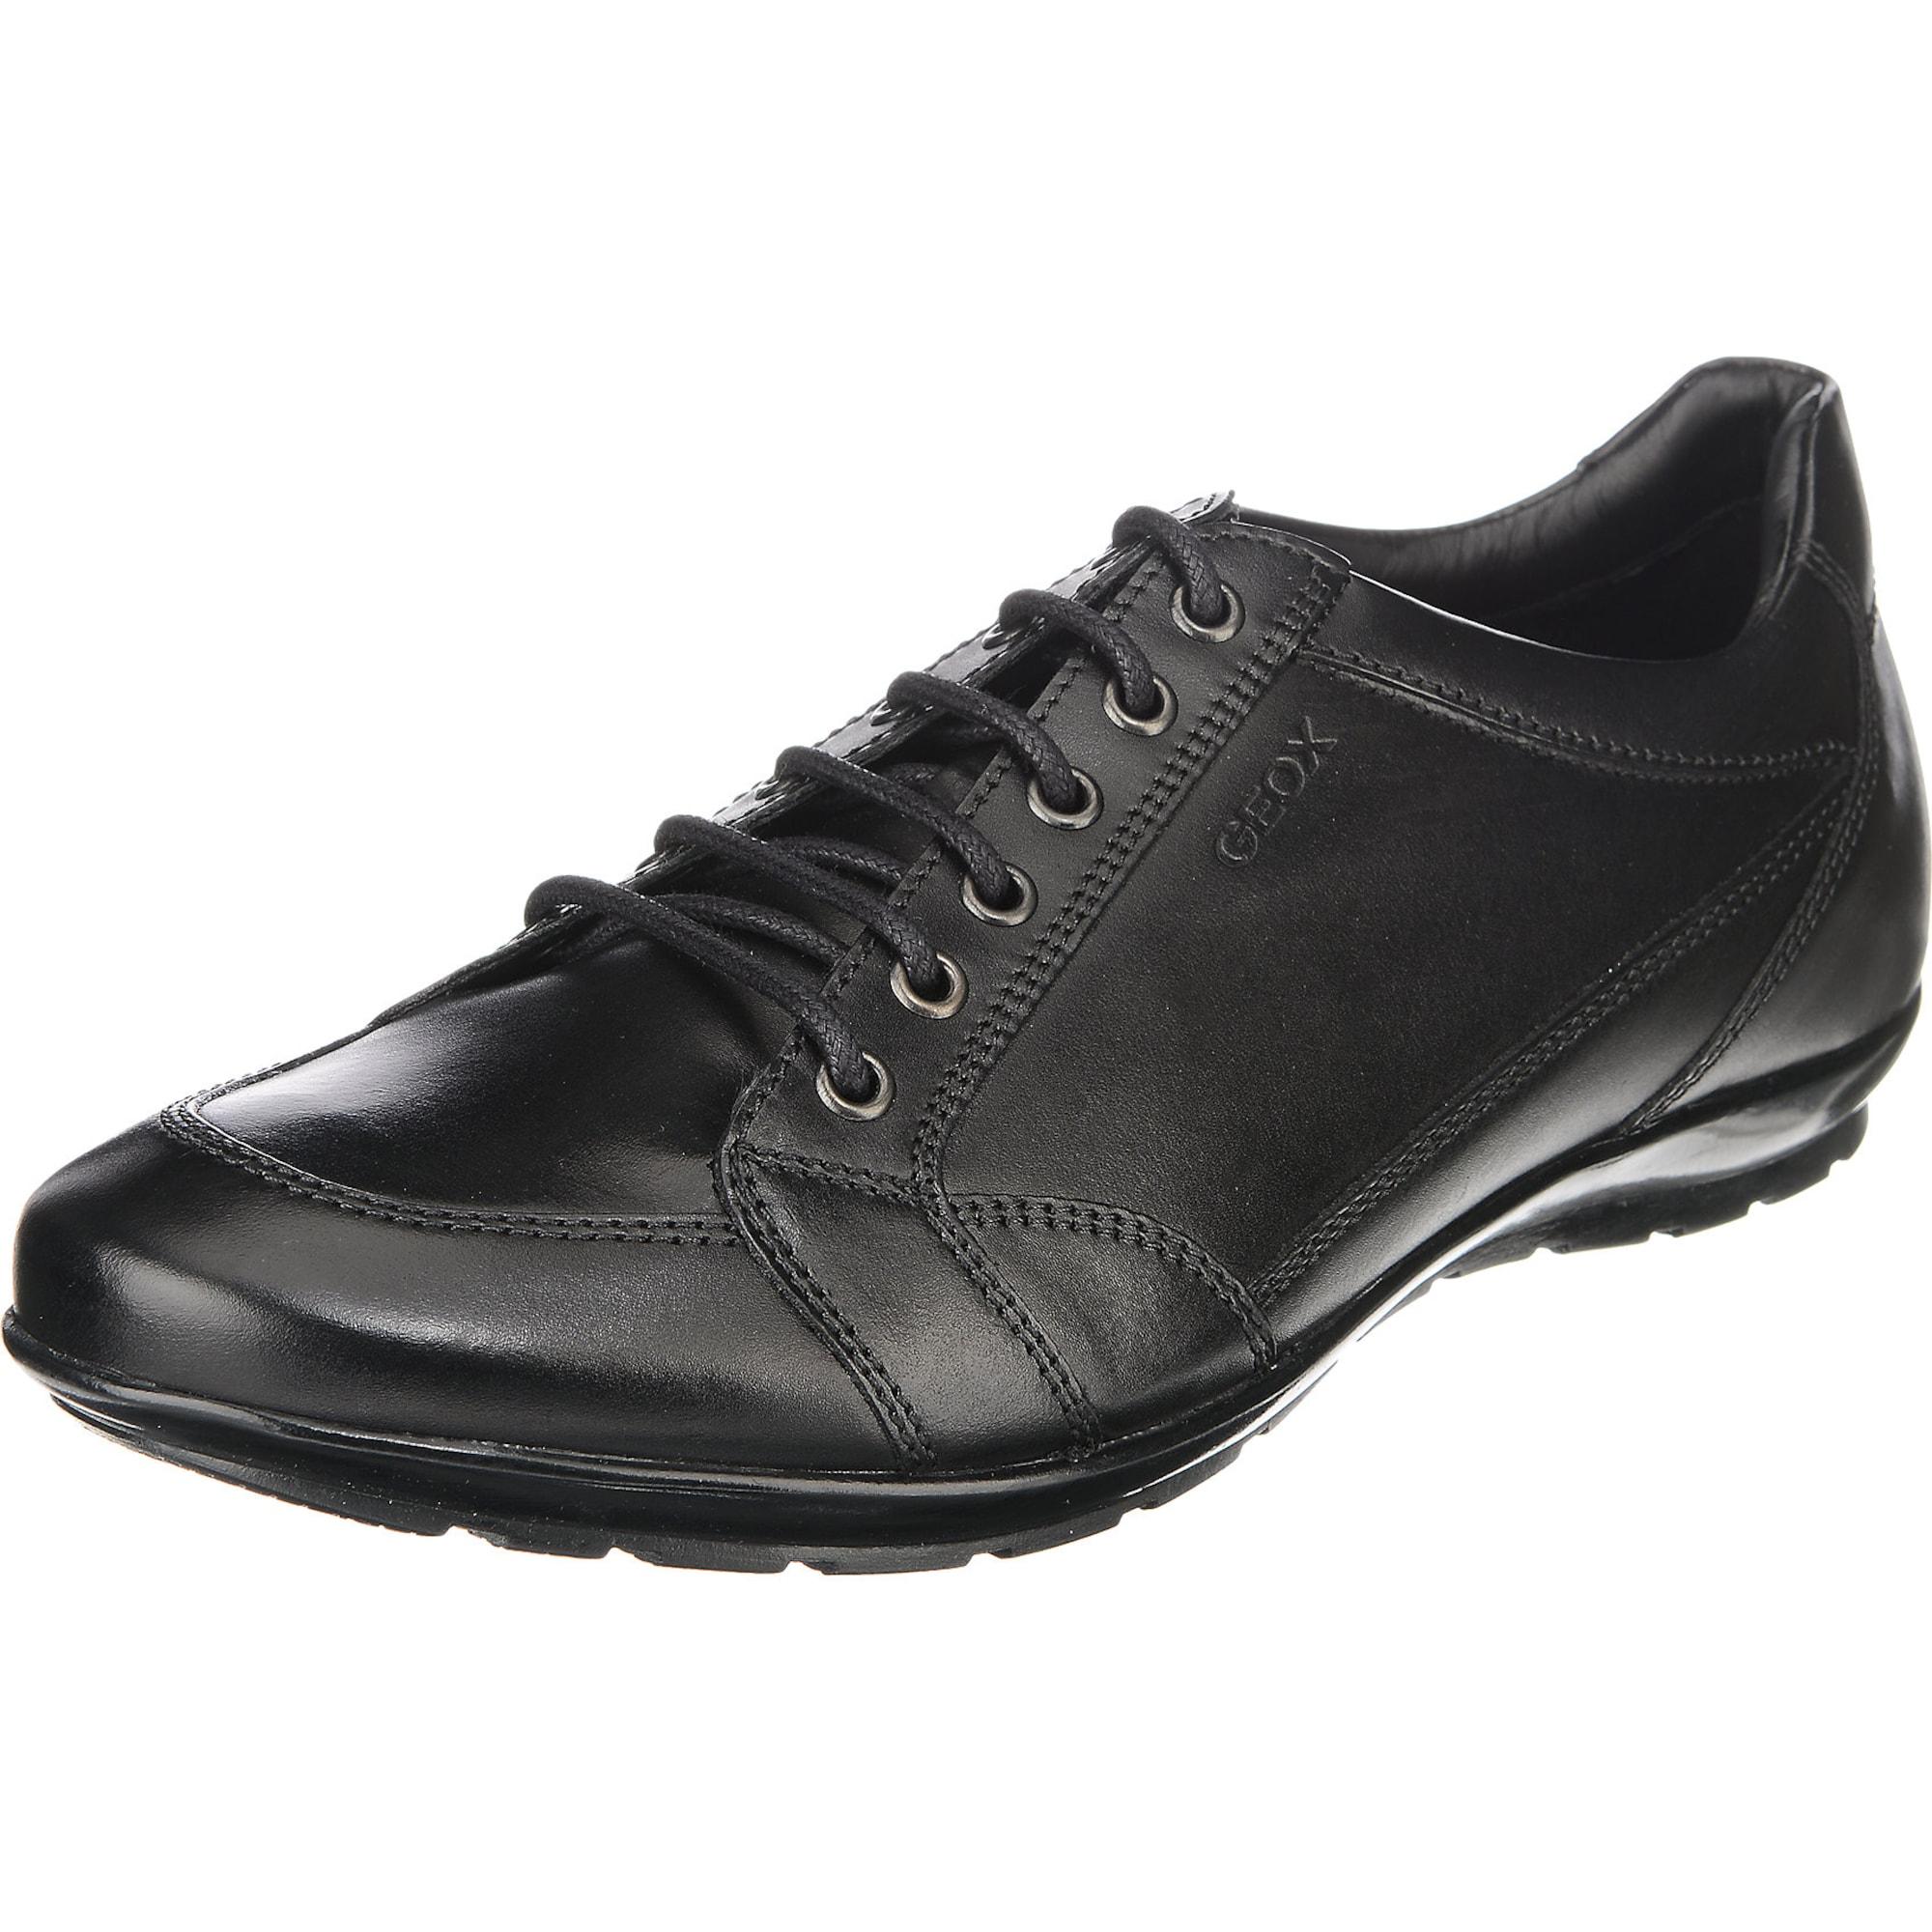 GEOX Rövid szárú edzőcipők fekete